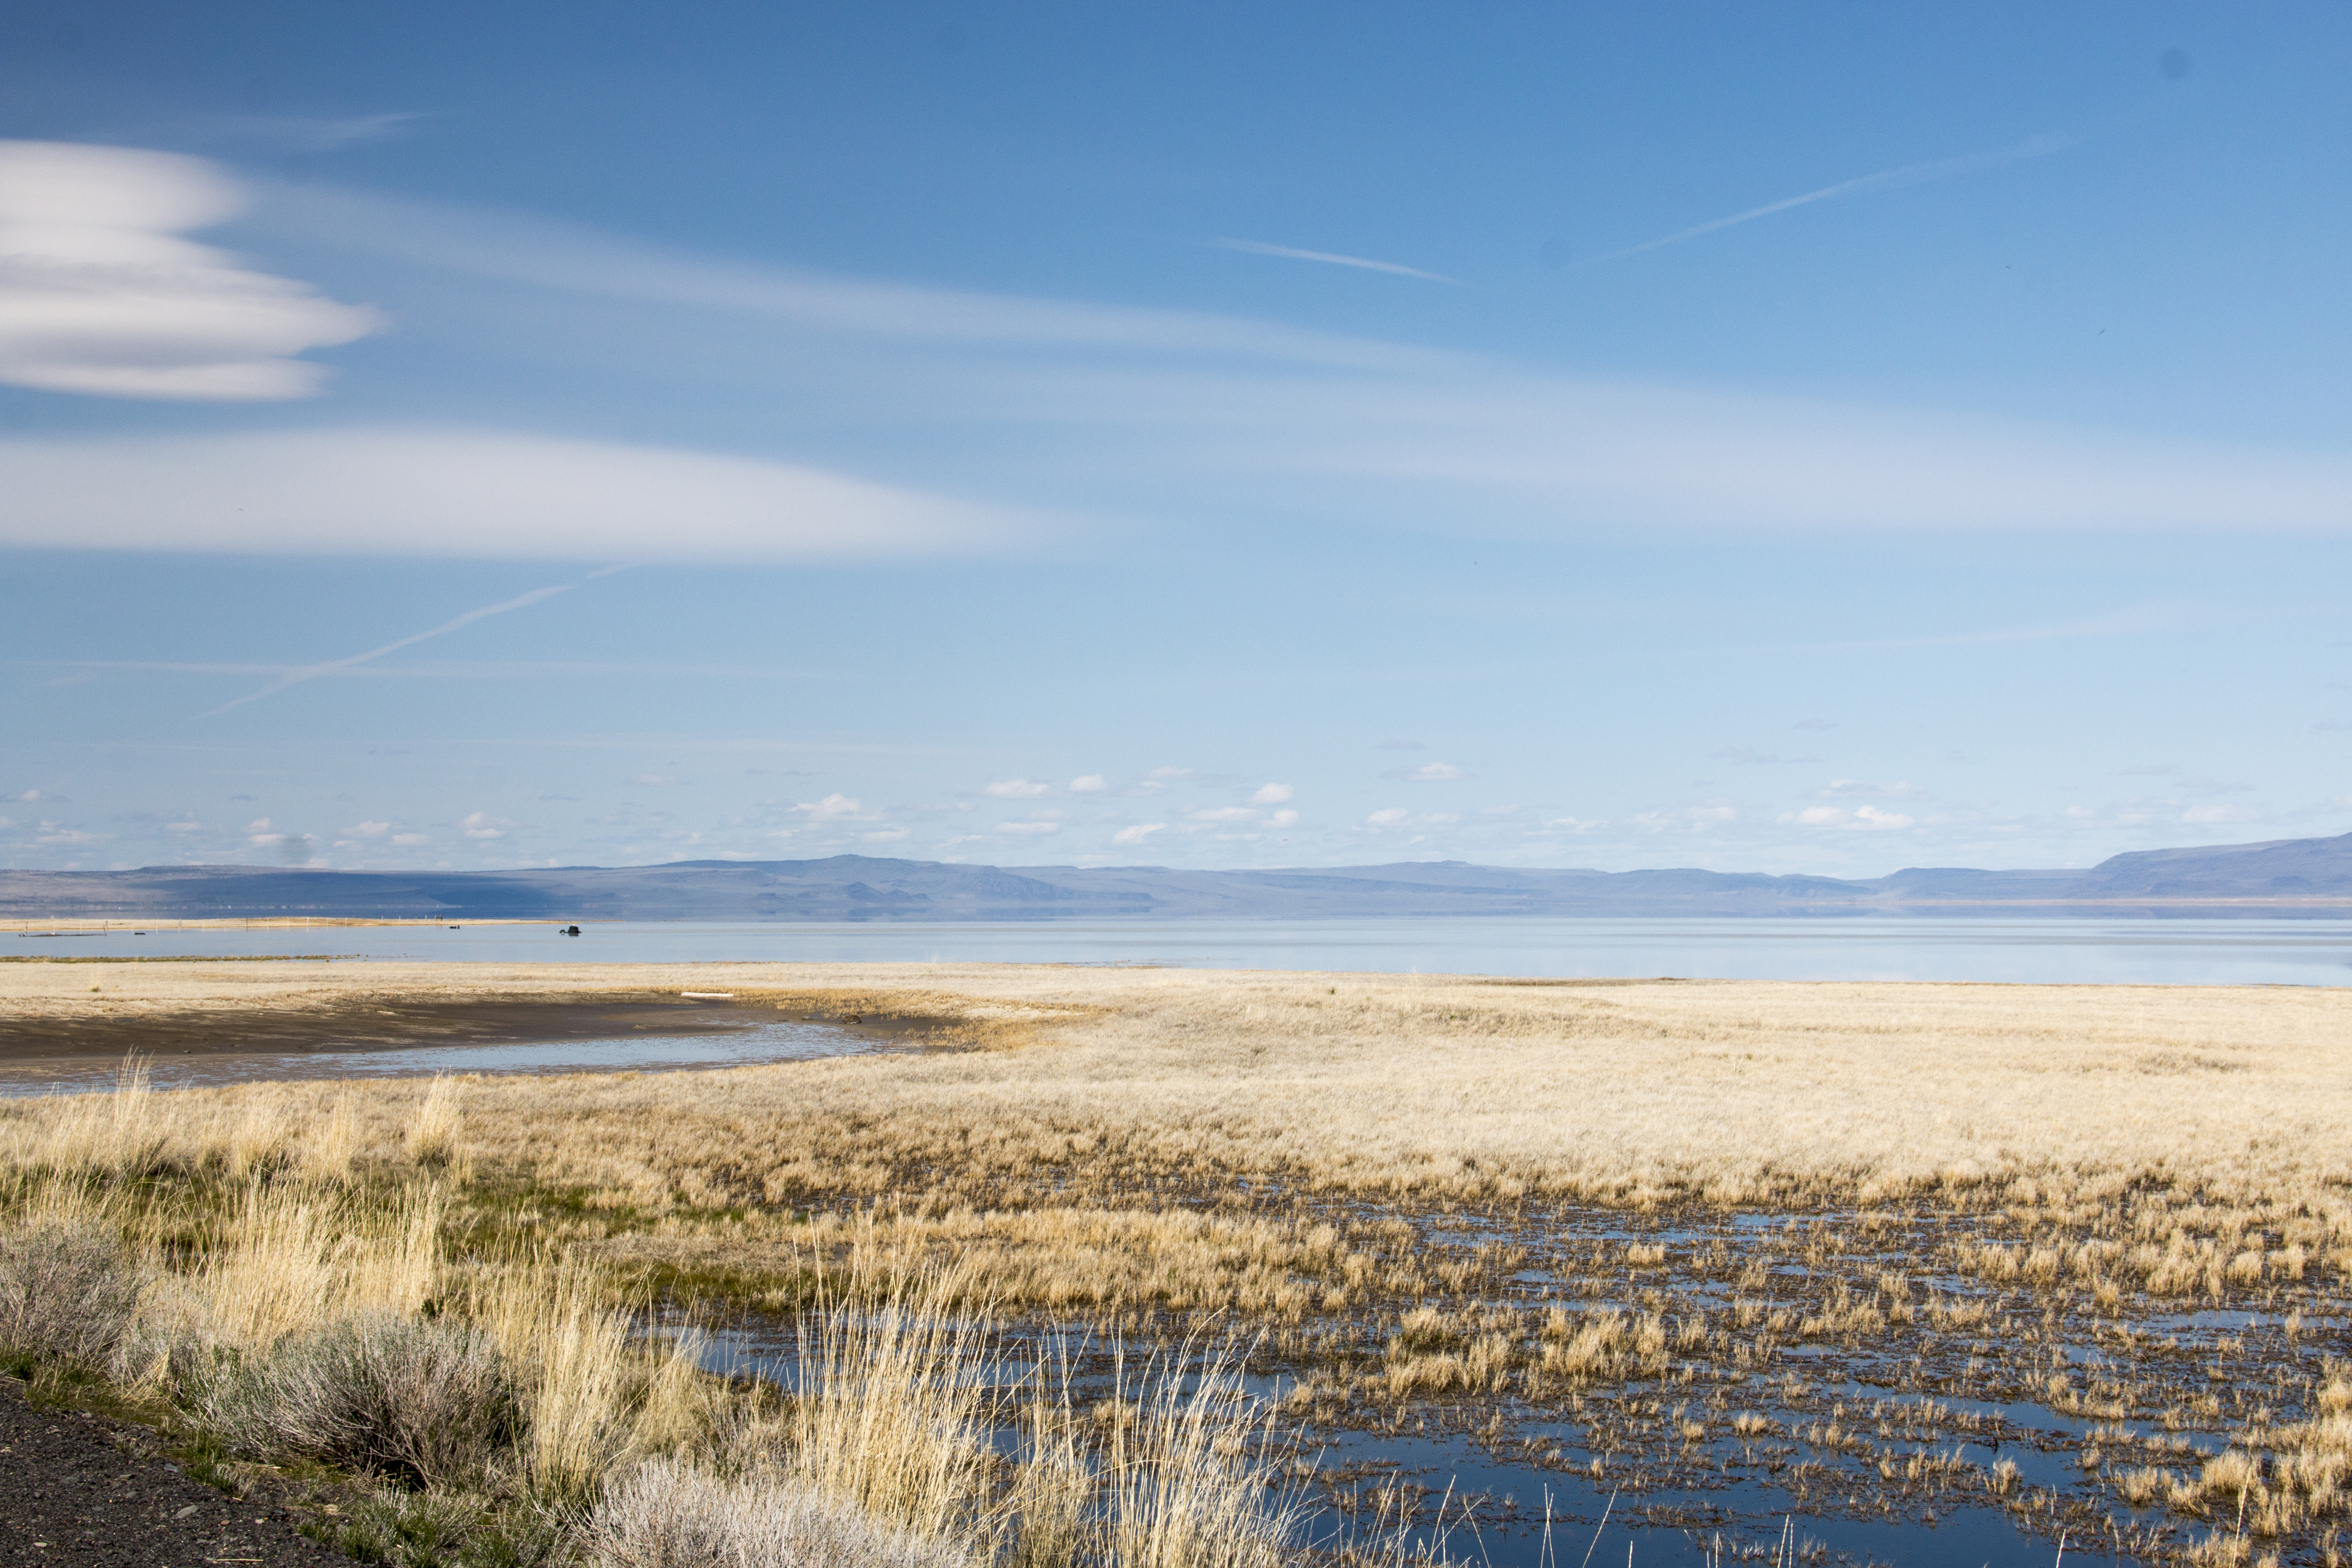 Summer lake, oregon 2 photo